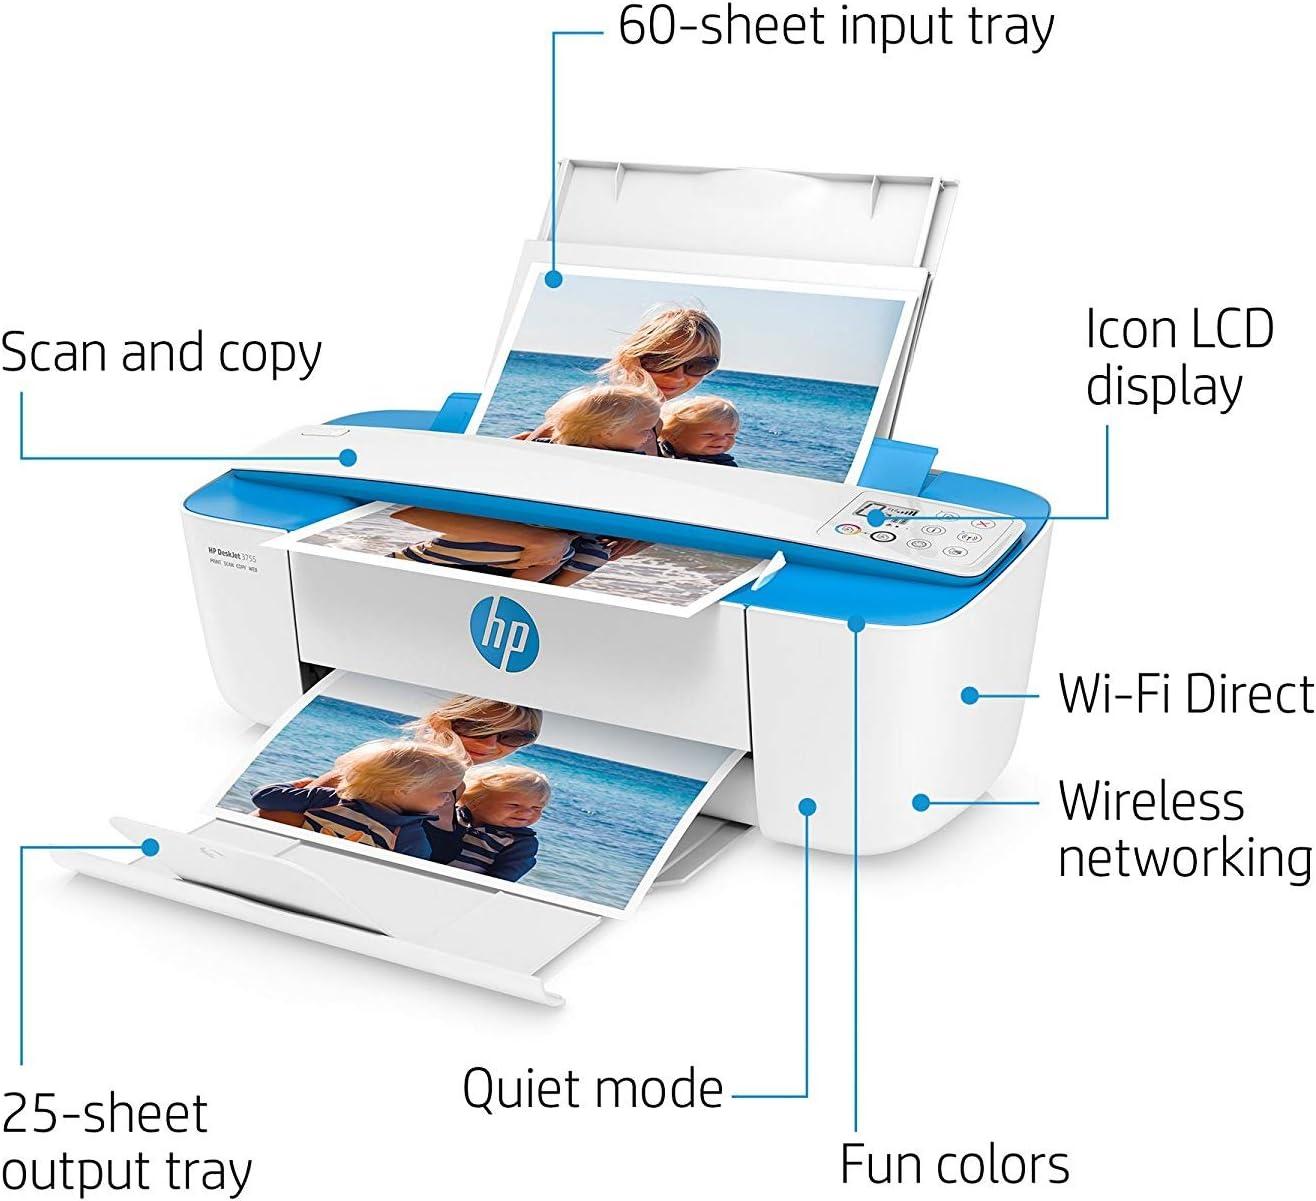 HP Blue DeskJet 3755 Wireless All-in-One Instant Ink Ready Printer